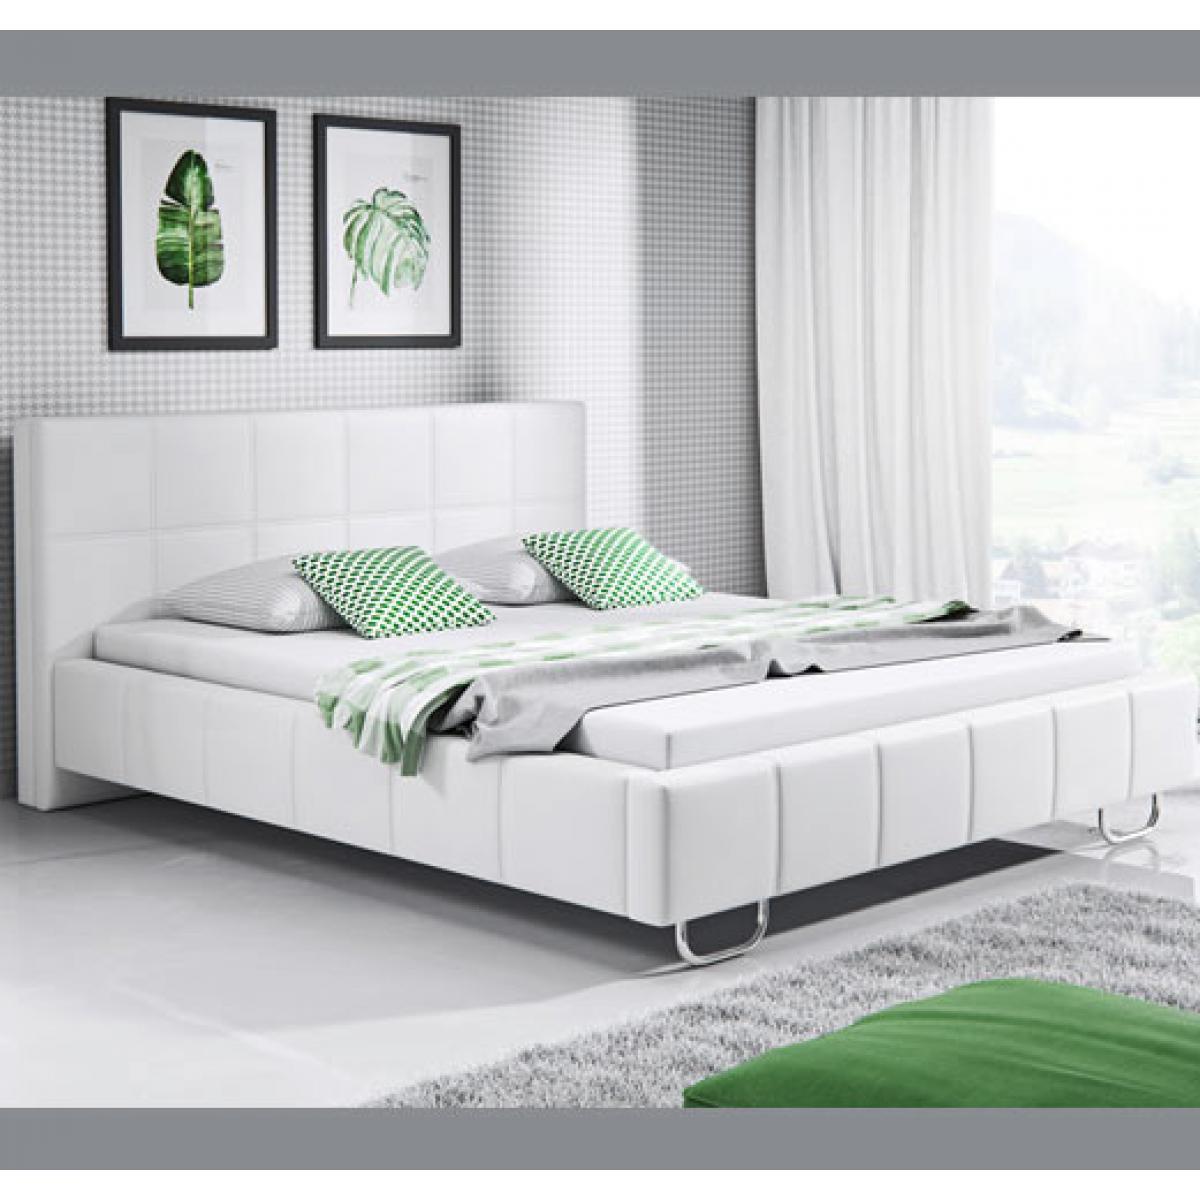 Design Ameublement Lit design Sofía ? blanc (180x200cm)